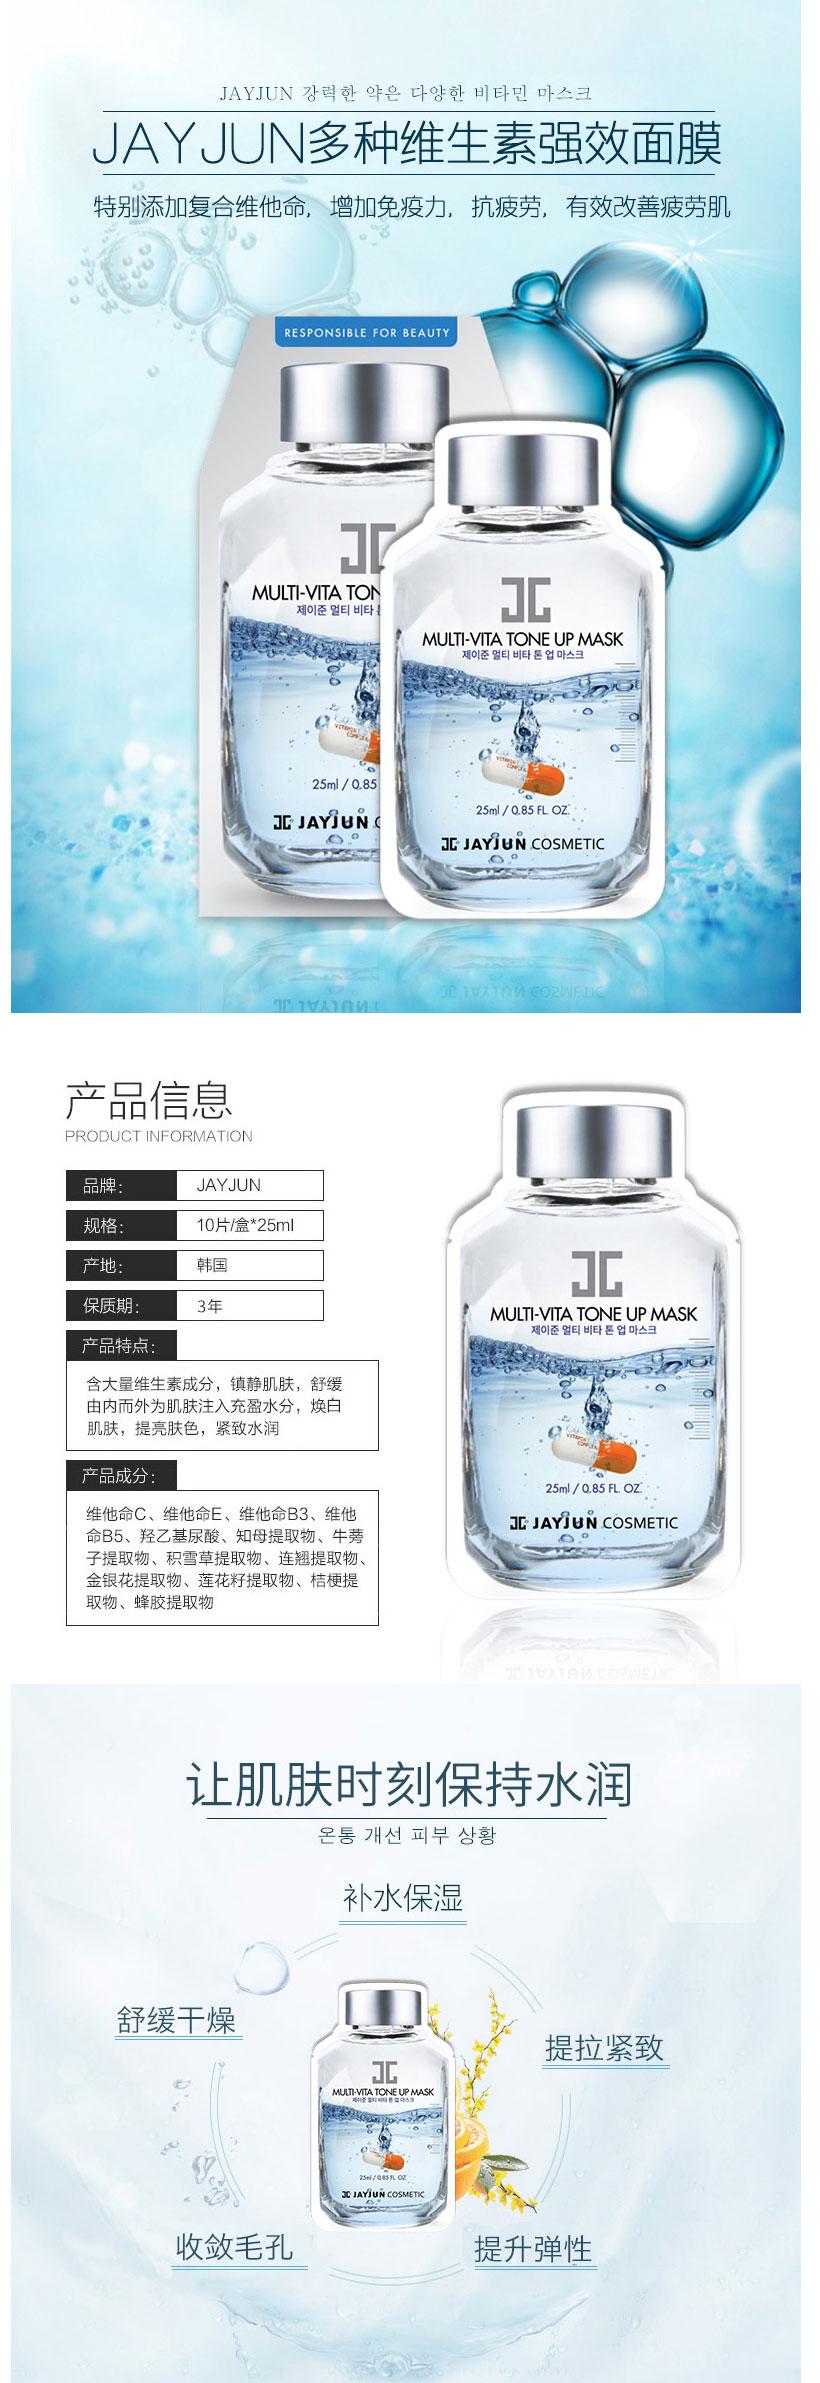 水光(JAYJUN)面膜10片装-水光针三部曲补水保湿面膜贴-白色药丸【图片-价格-品牌-报价】-京